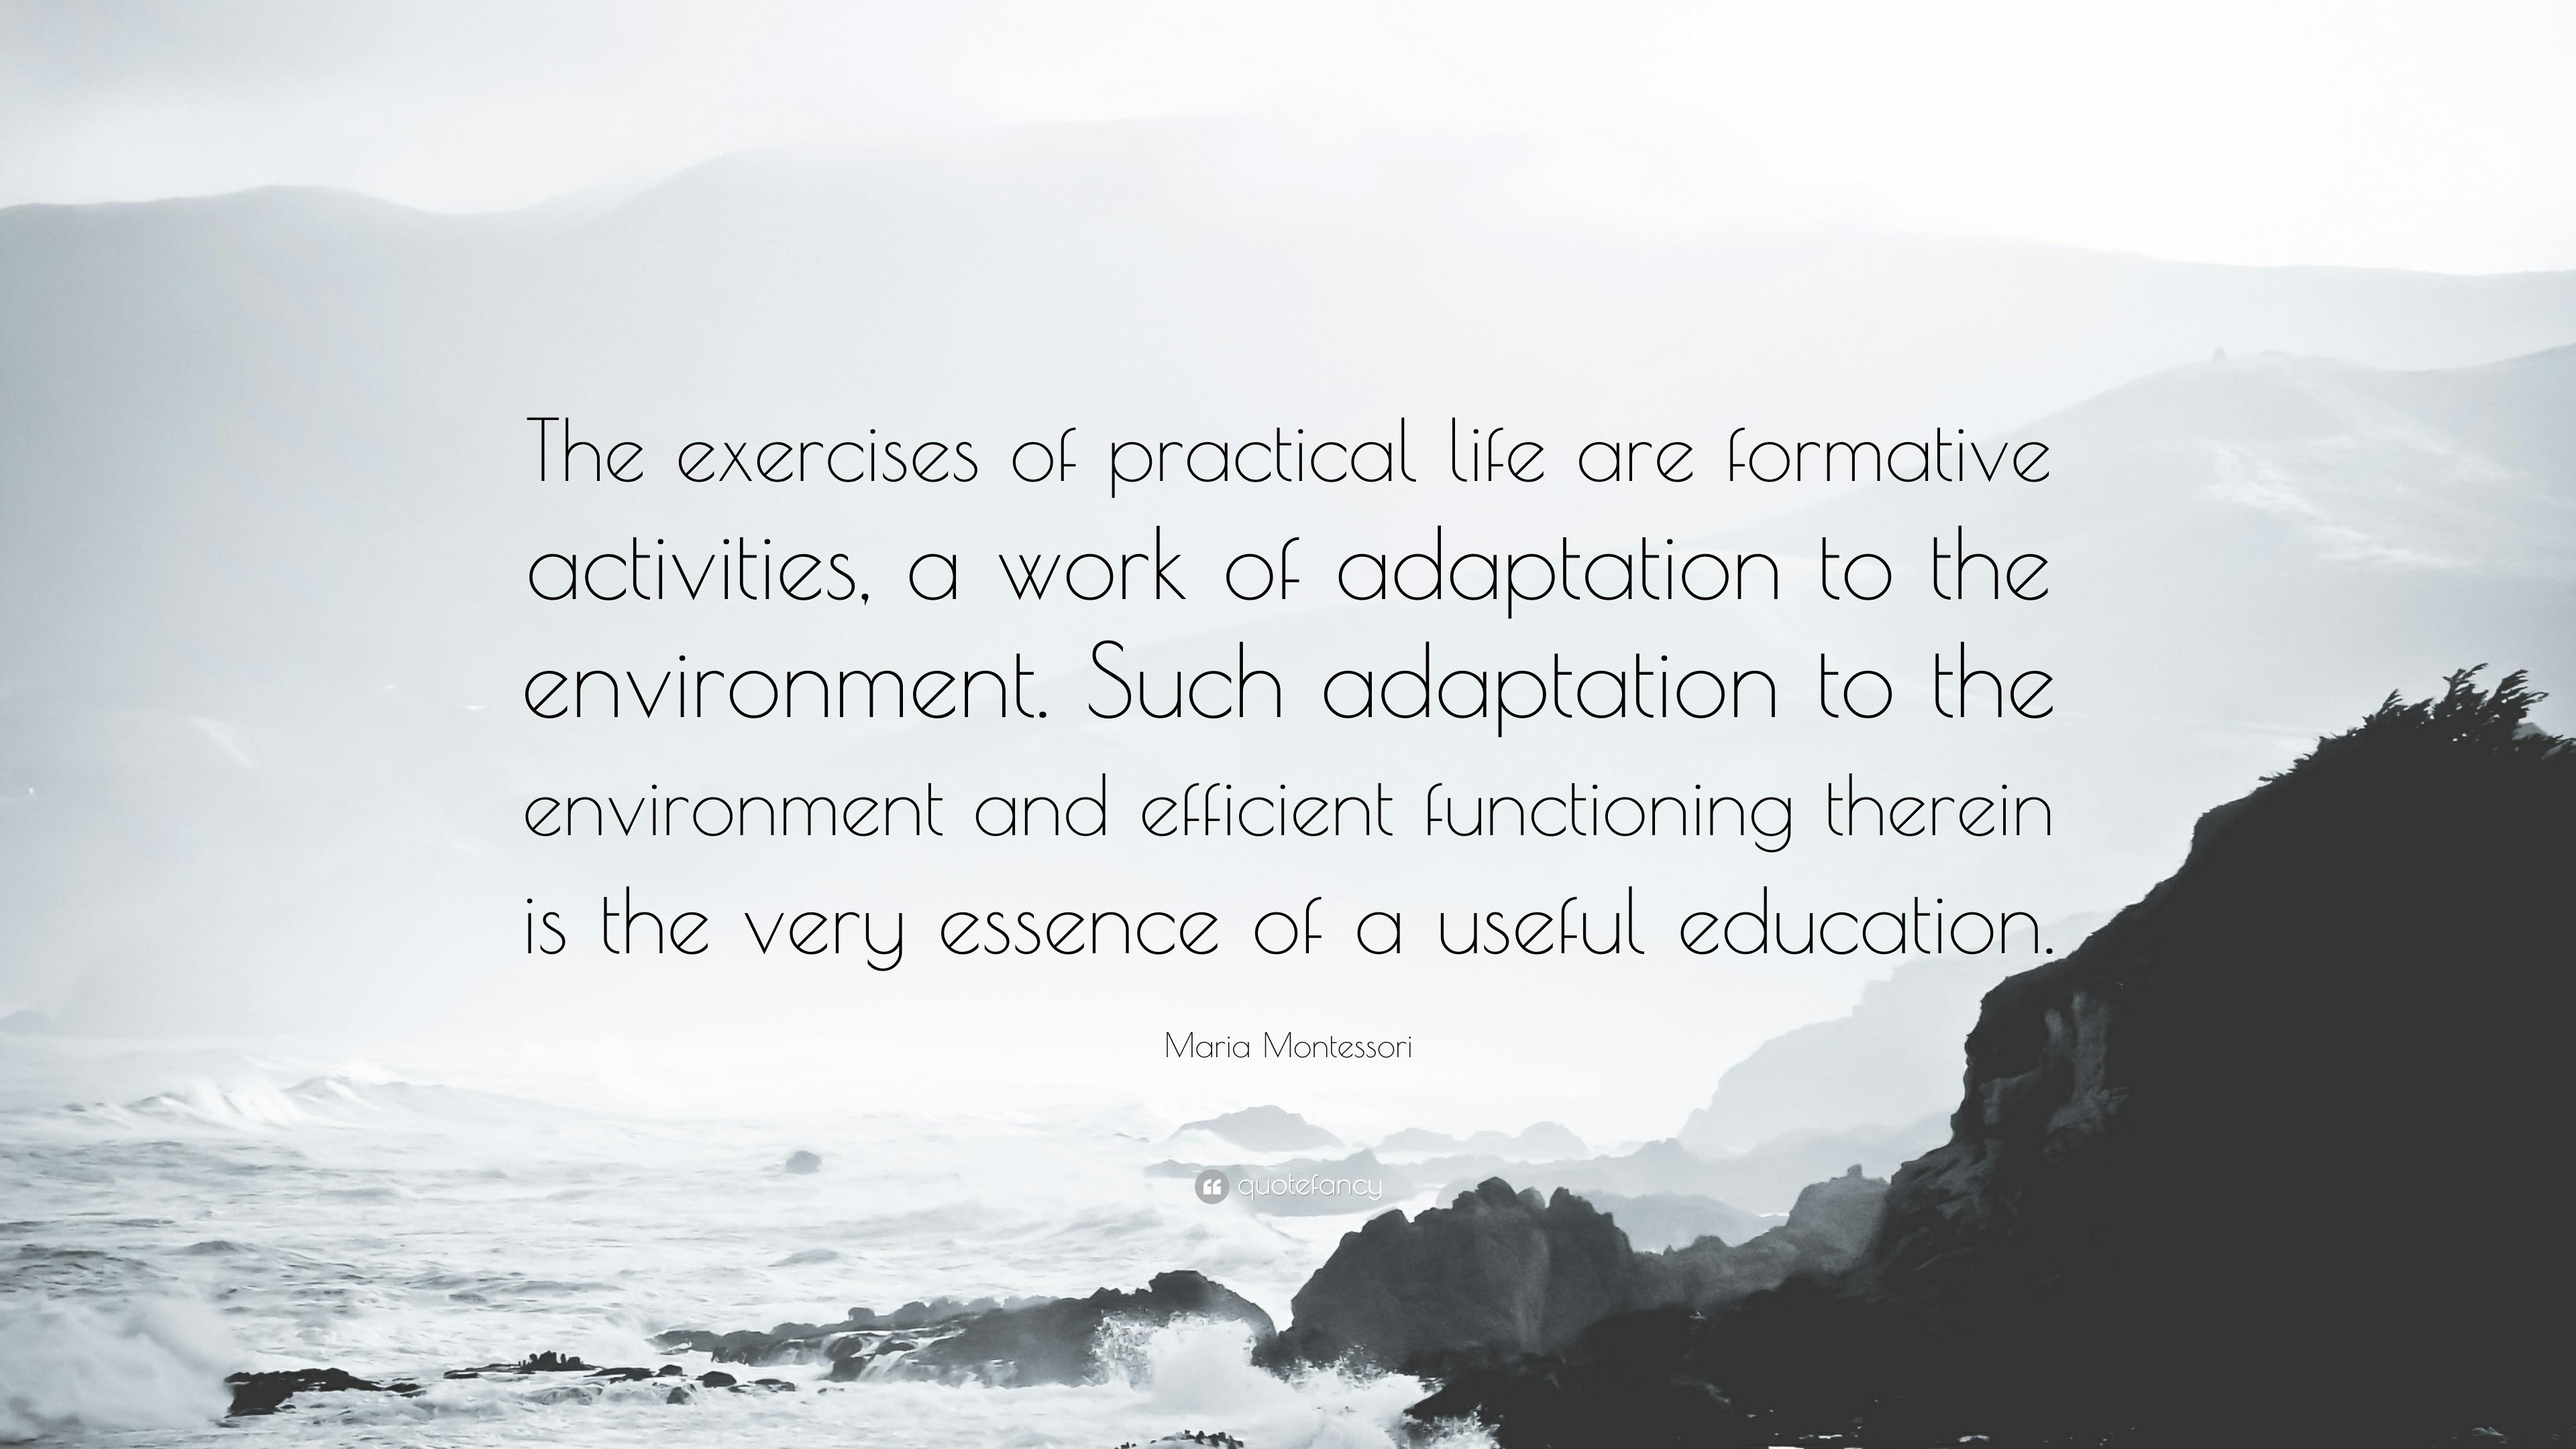 maria montessori quotes on practical life